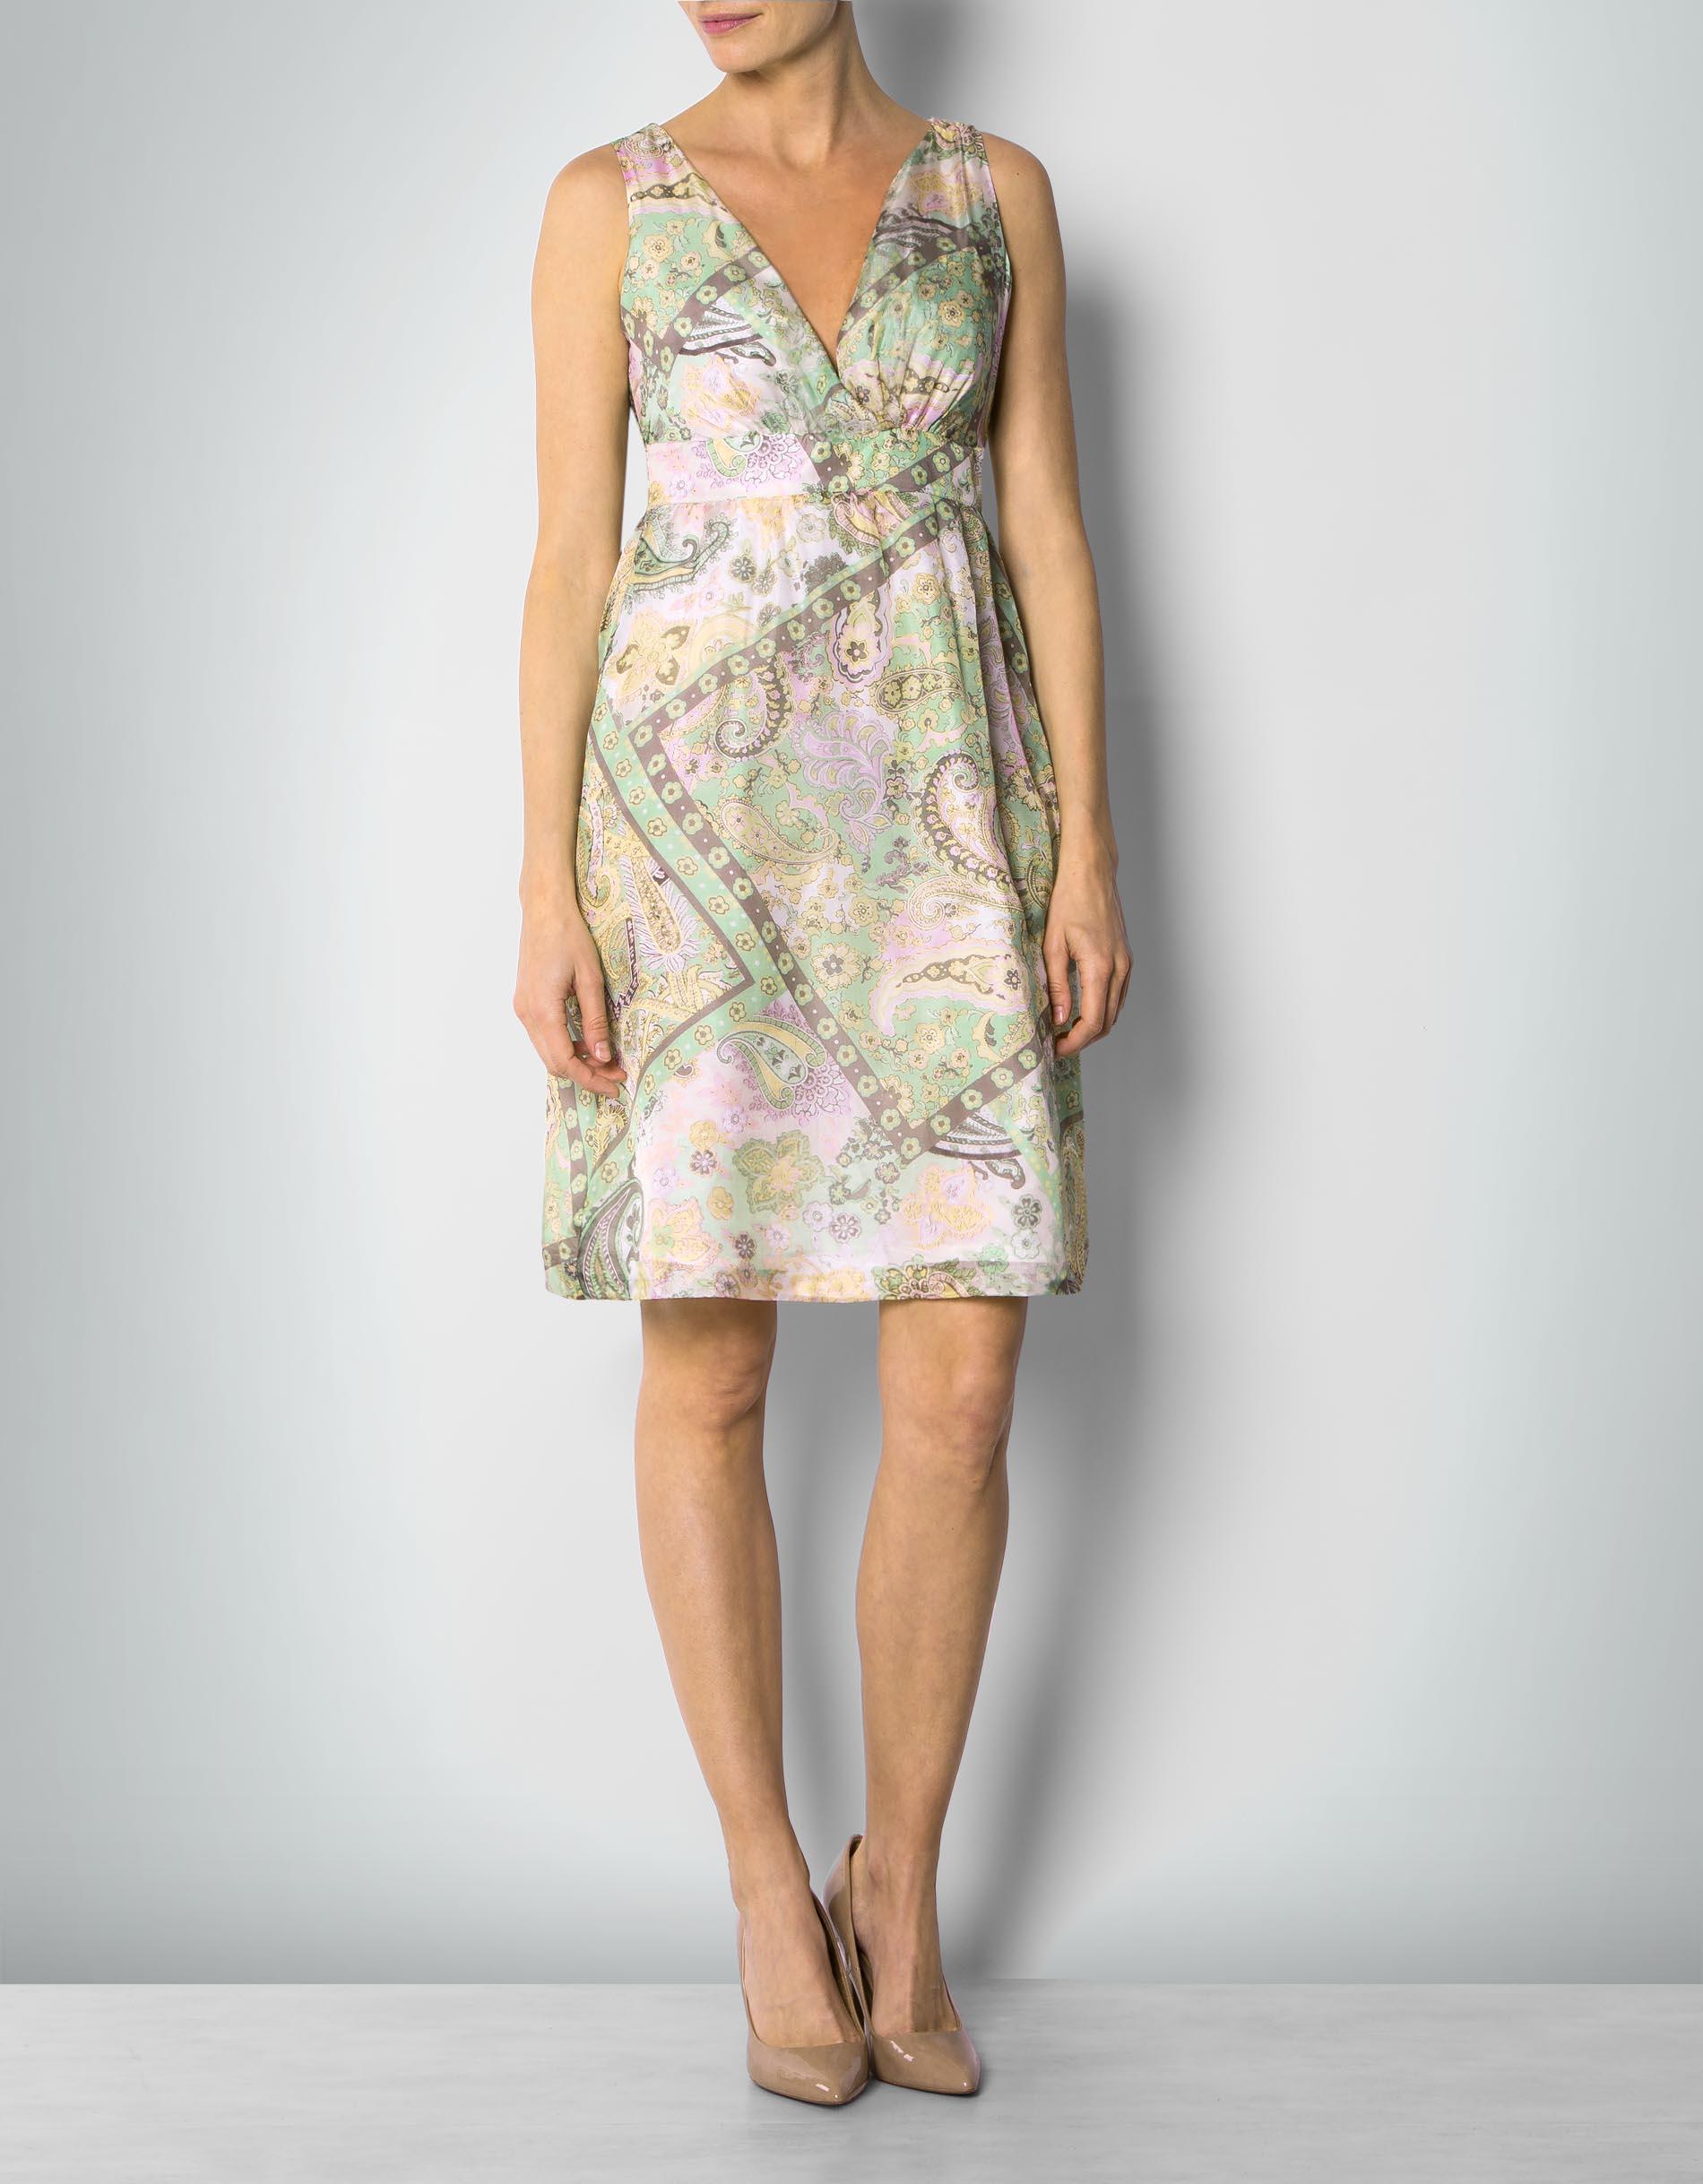 Daniel Hechter Damen Kleid Seiden mit Paisley-Print empfohlen von Deinen  Schwestern 6cac7f1bd4